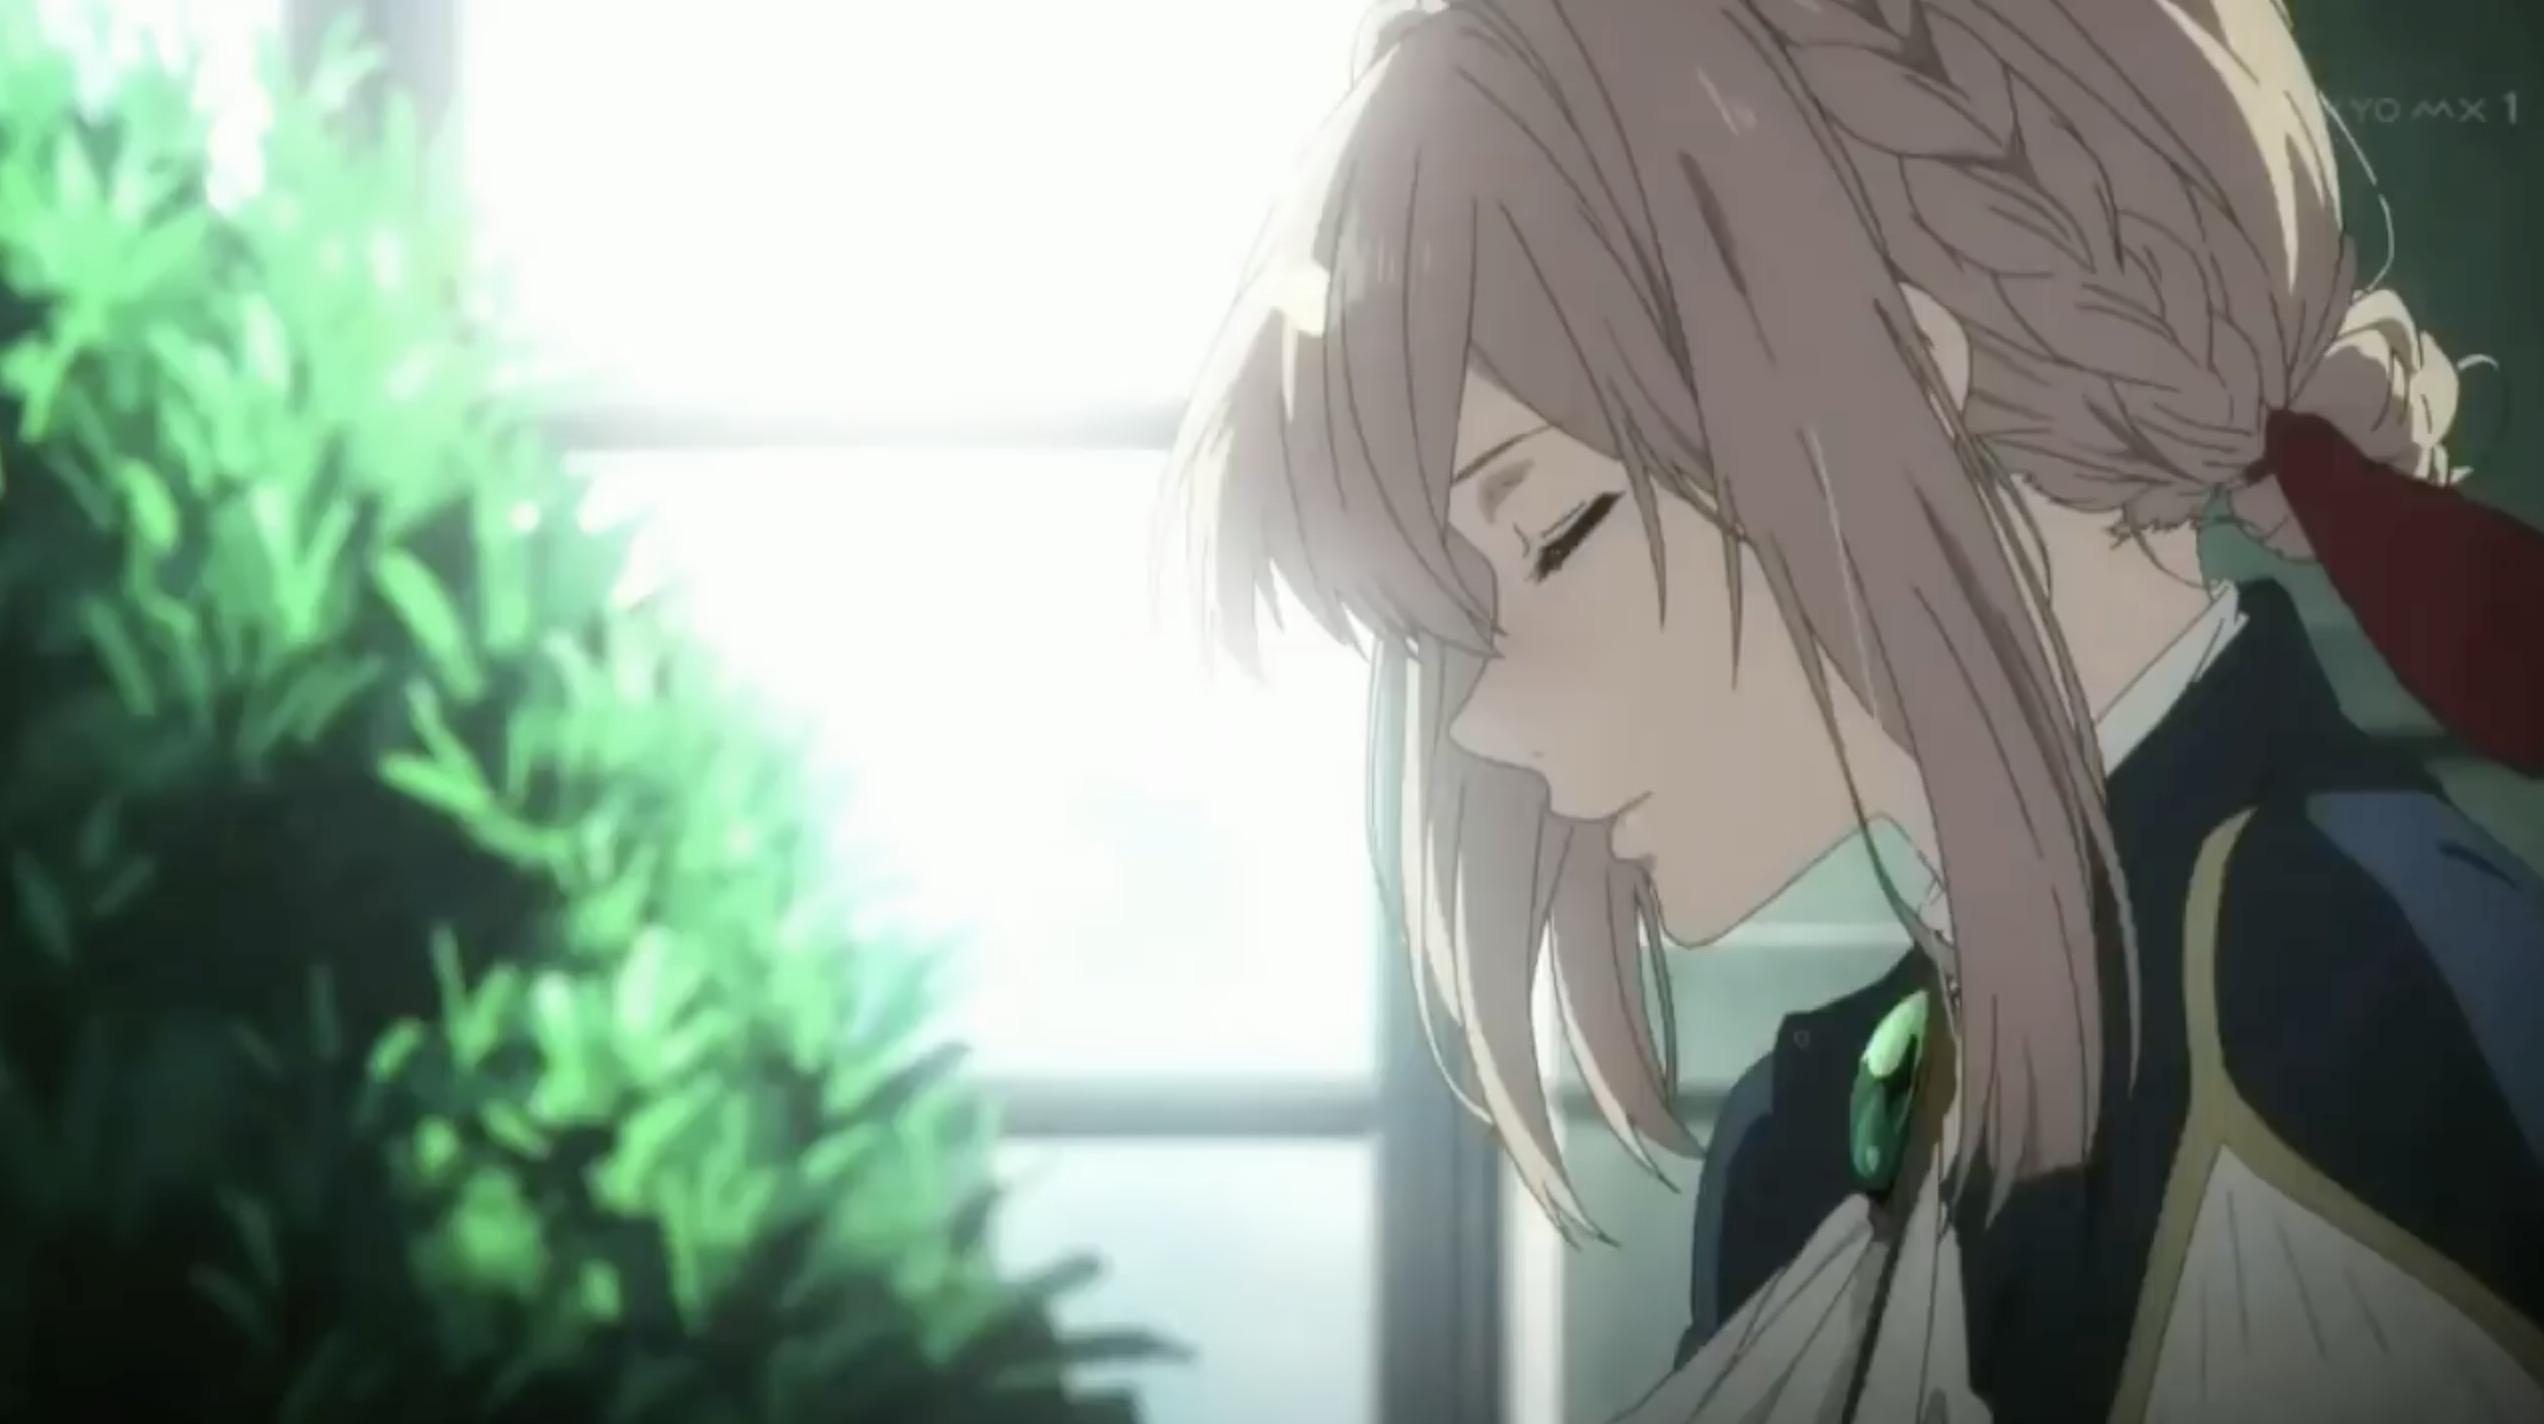 ヴァイオレット・エヴァーガーデン 第五話 感想コラム【連載】